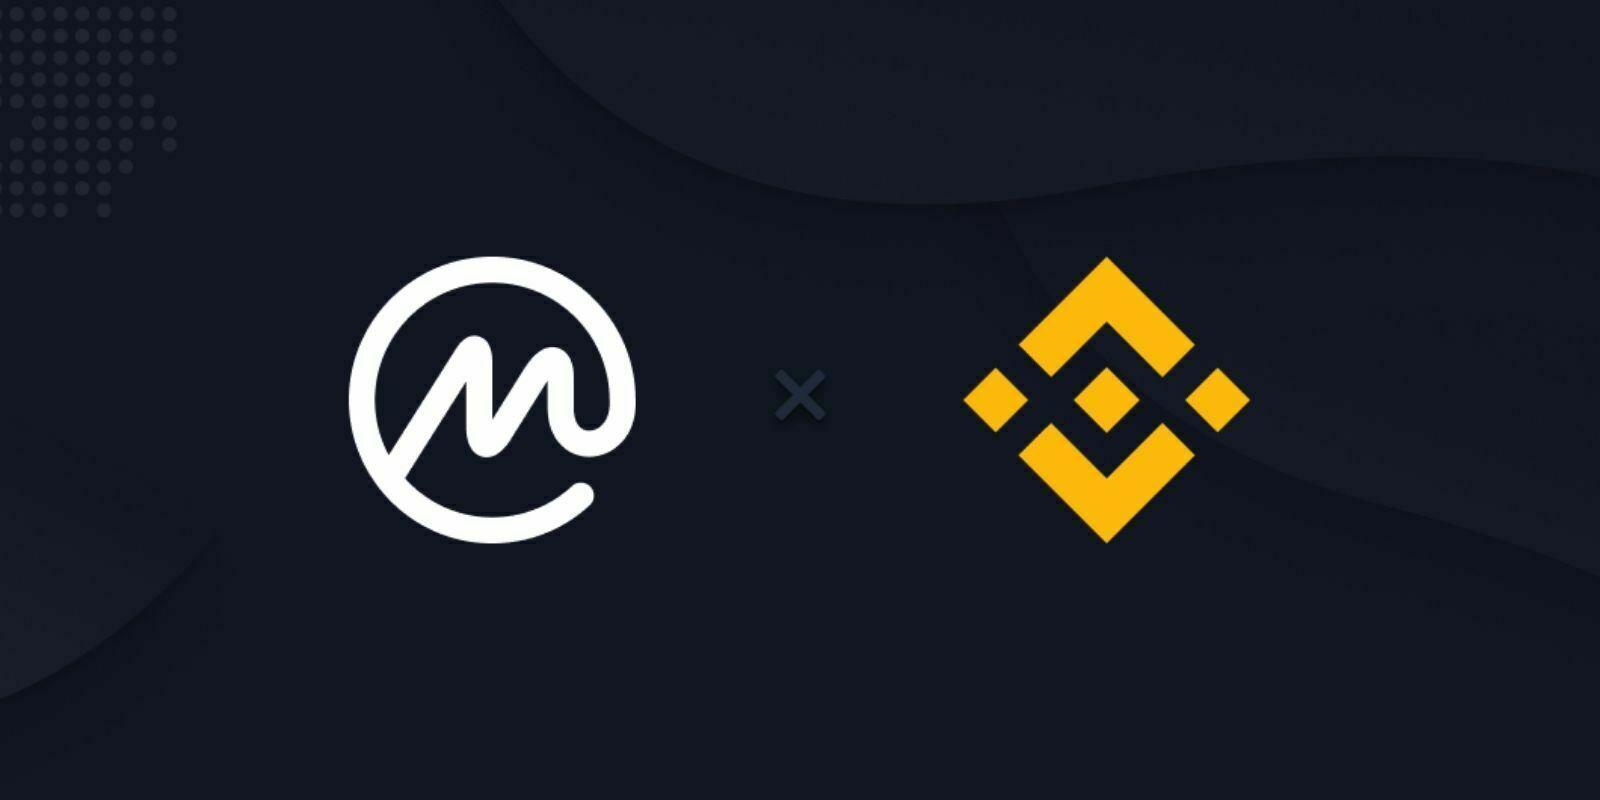 L'exchange Binance confirme l'acquisition de CoinMarketCap